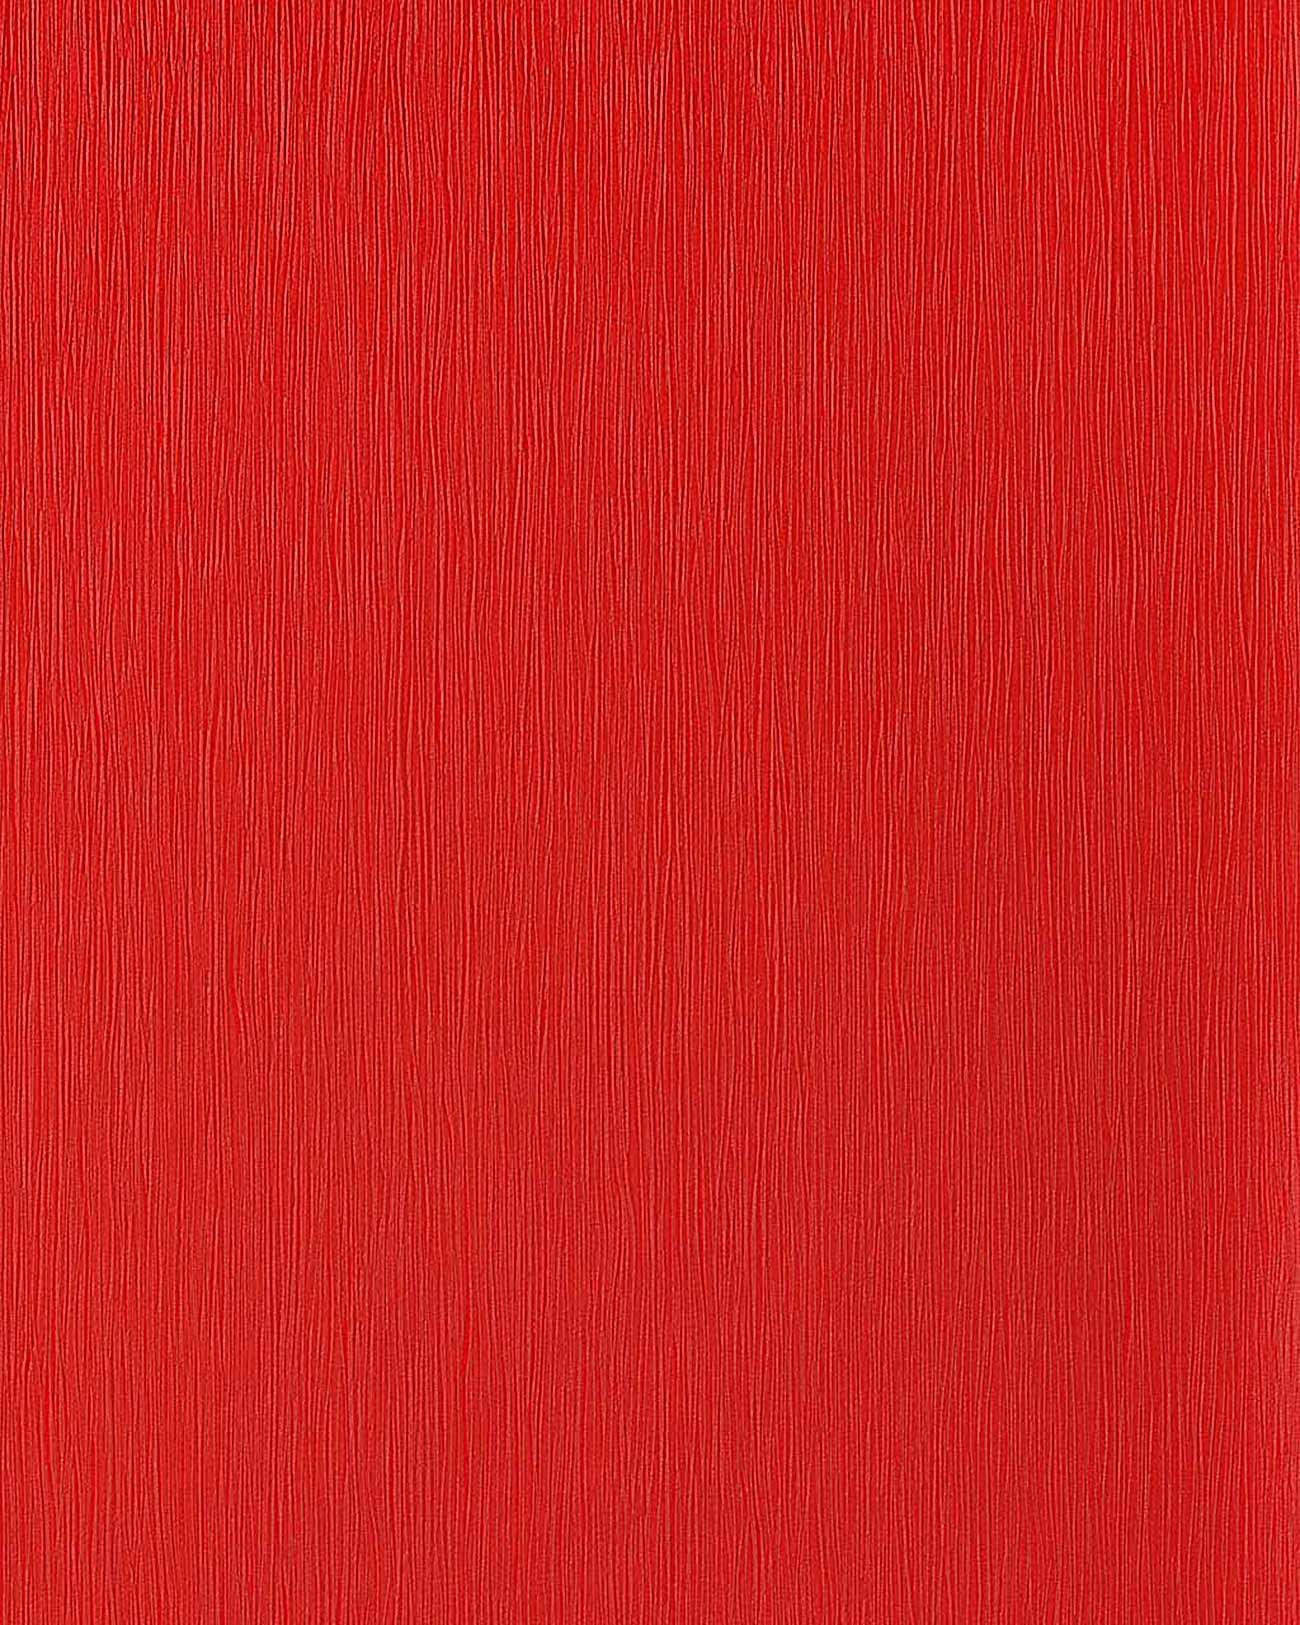 Uni tapete edem 118 24 tapete gestreift vinyltapete gute for Tapete rot gestreift